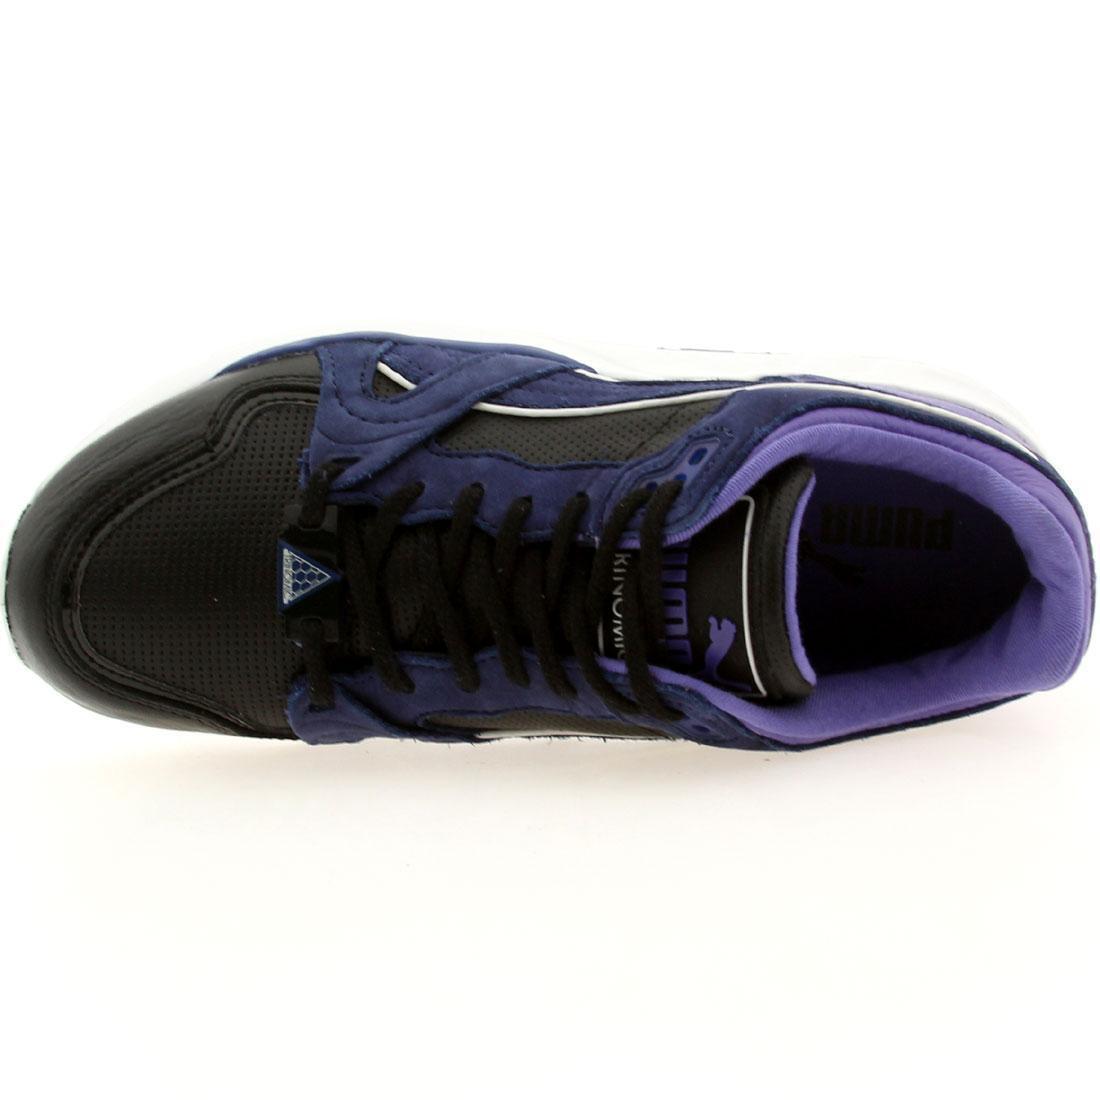 109.99 (bleu  xt1 puma femmes trinomic plus cuir perf (bleu 109.99 / noir) 358059-01 e8e8cc